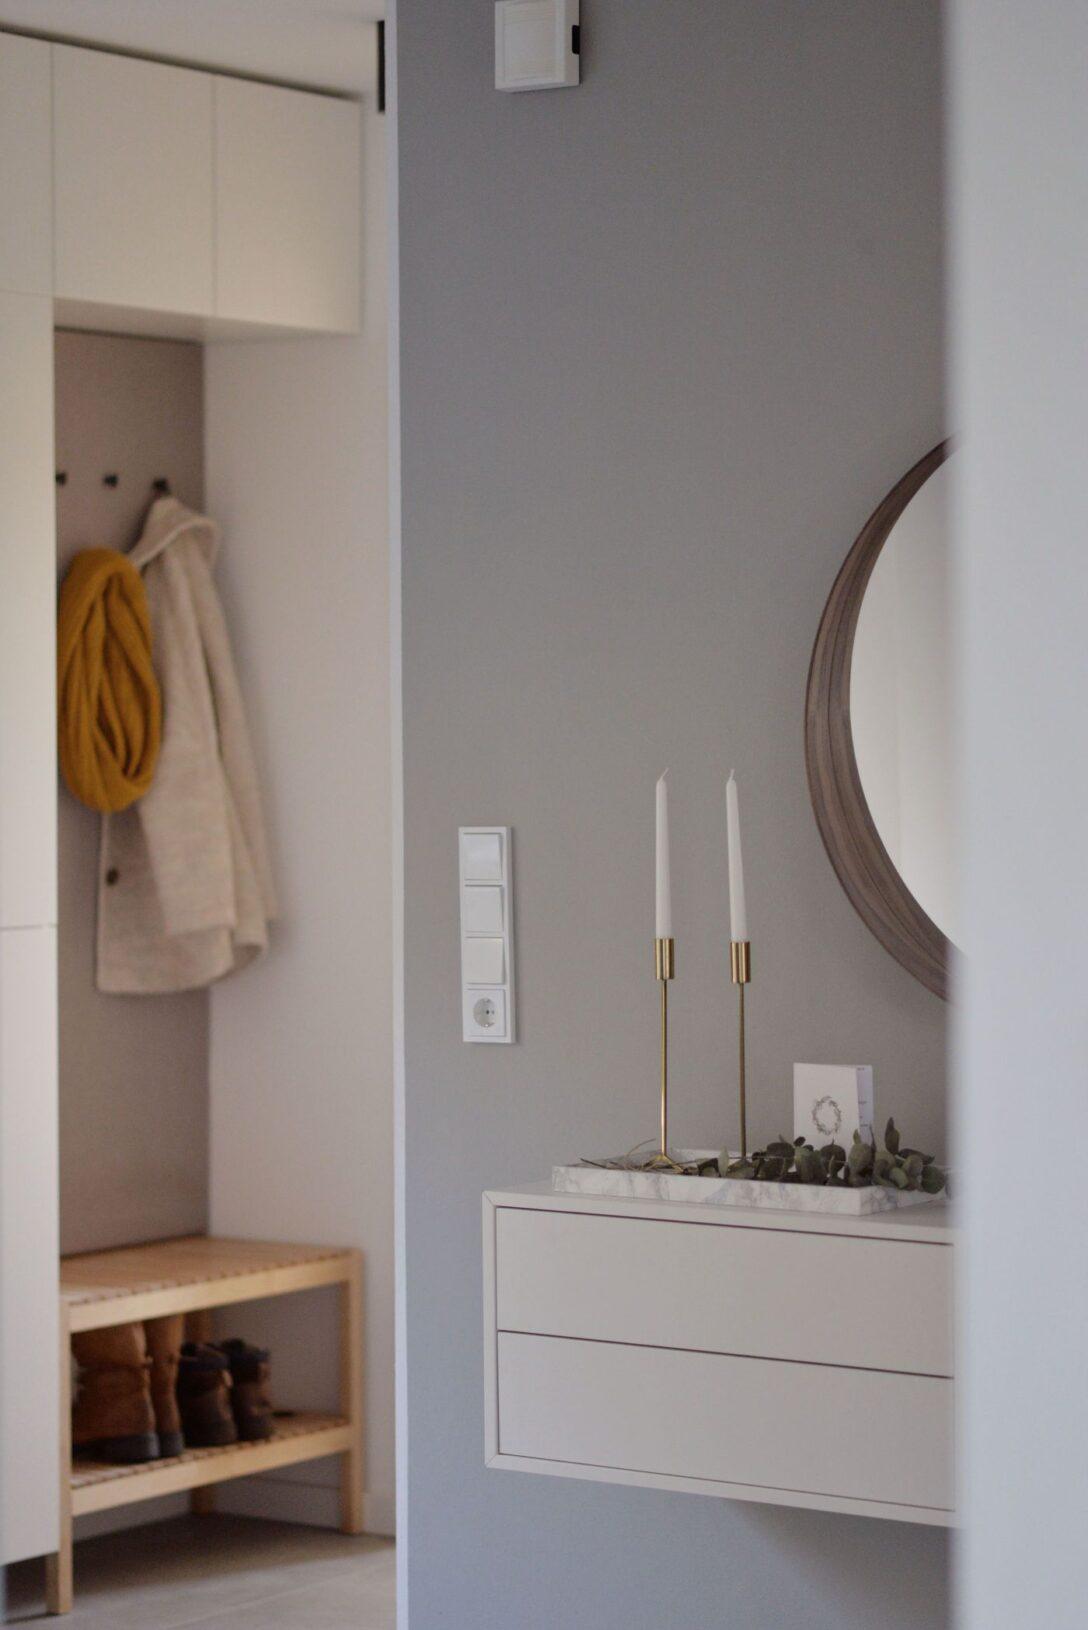 Large Size of Ikea Hauswirtschaftsraum Planen Mobel Beispiele Caseconradcom Küche Kostenlos Bad Online Kaufen Betten Bei Kleines Miniküche Selber Kosten Badezimmer Wohnzimmer Ikea Hauswirtschaftsraum Planen